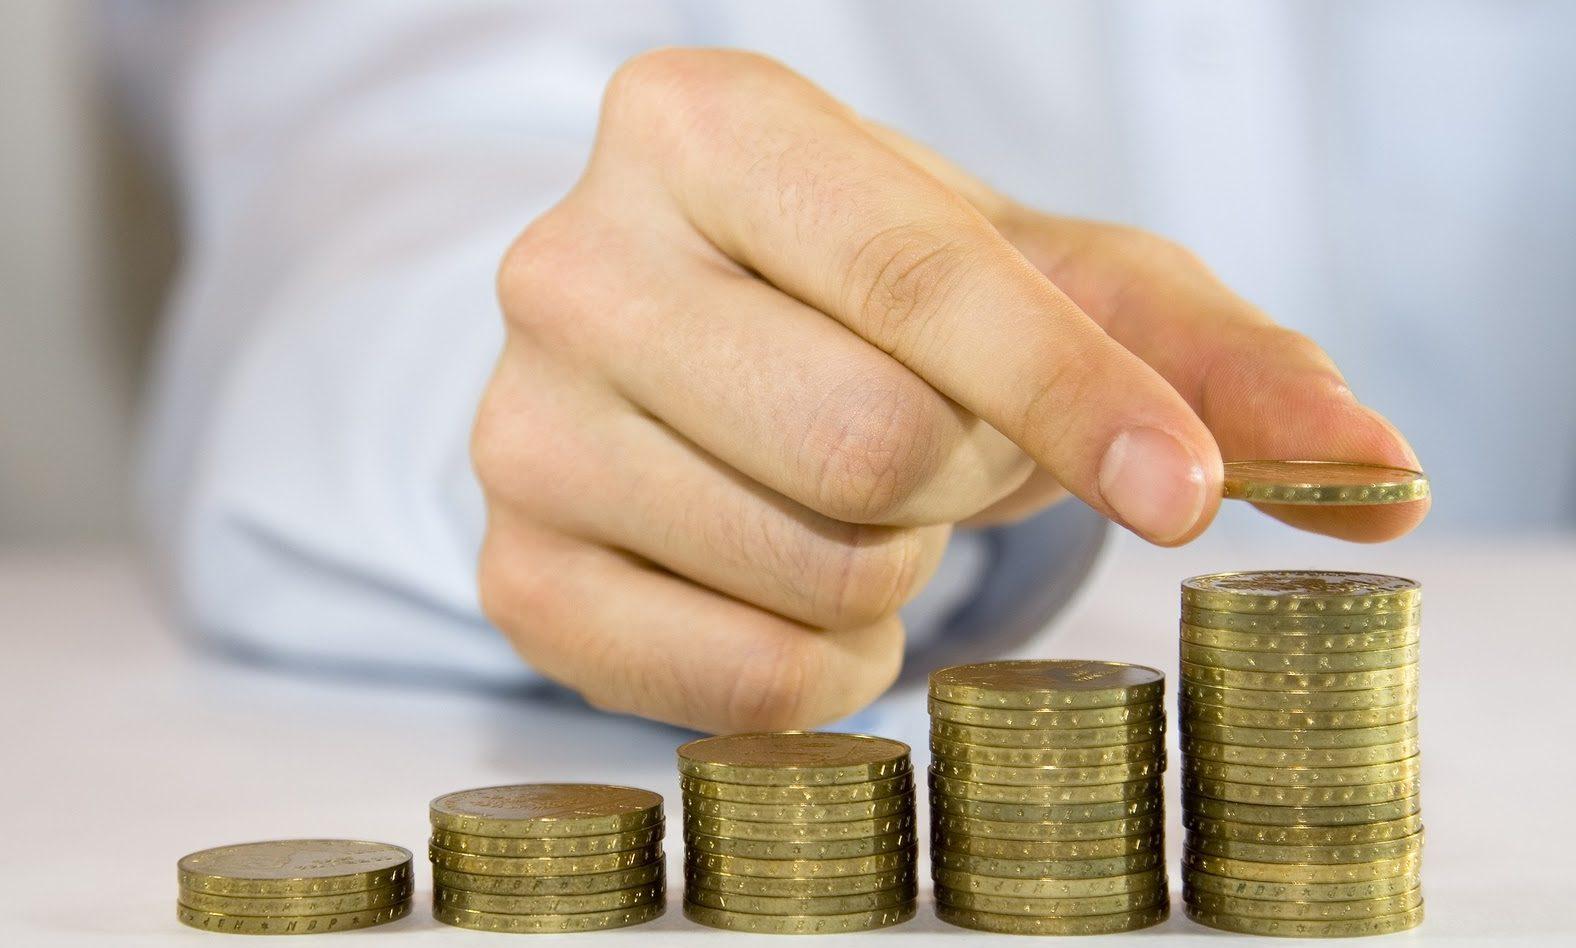 hogyan lehet egy fiatalember pénzt keresni